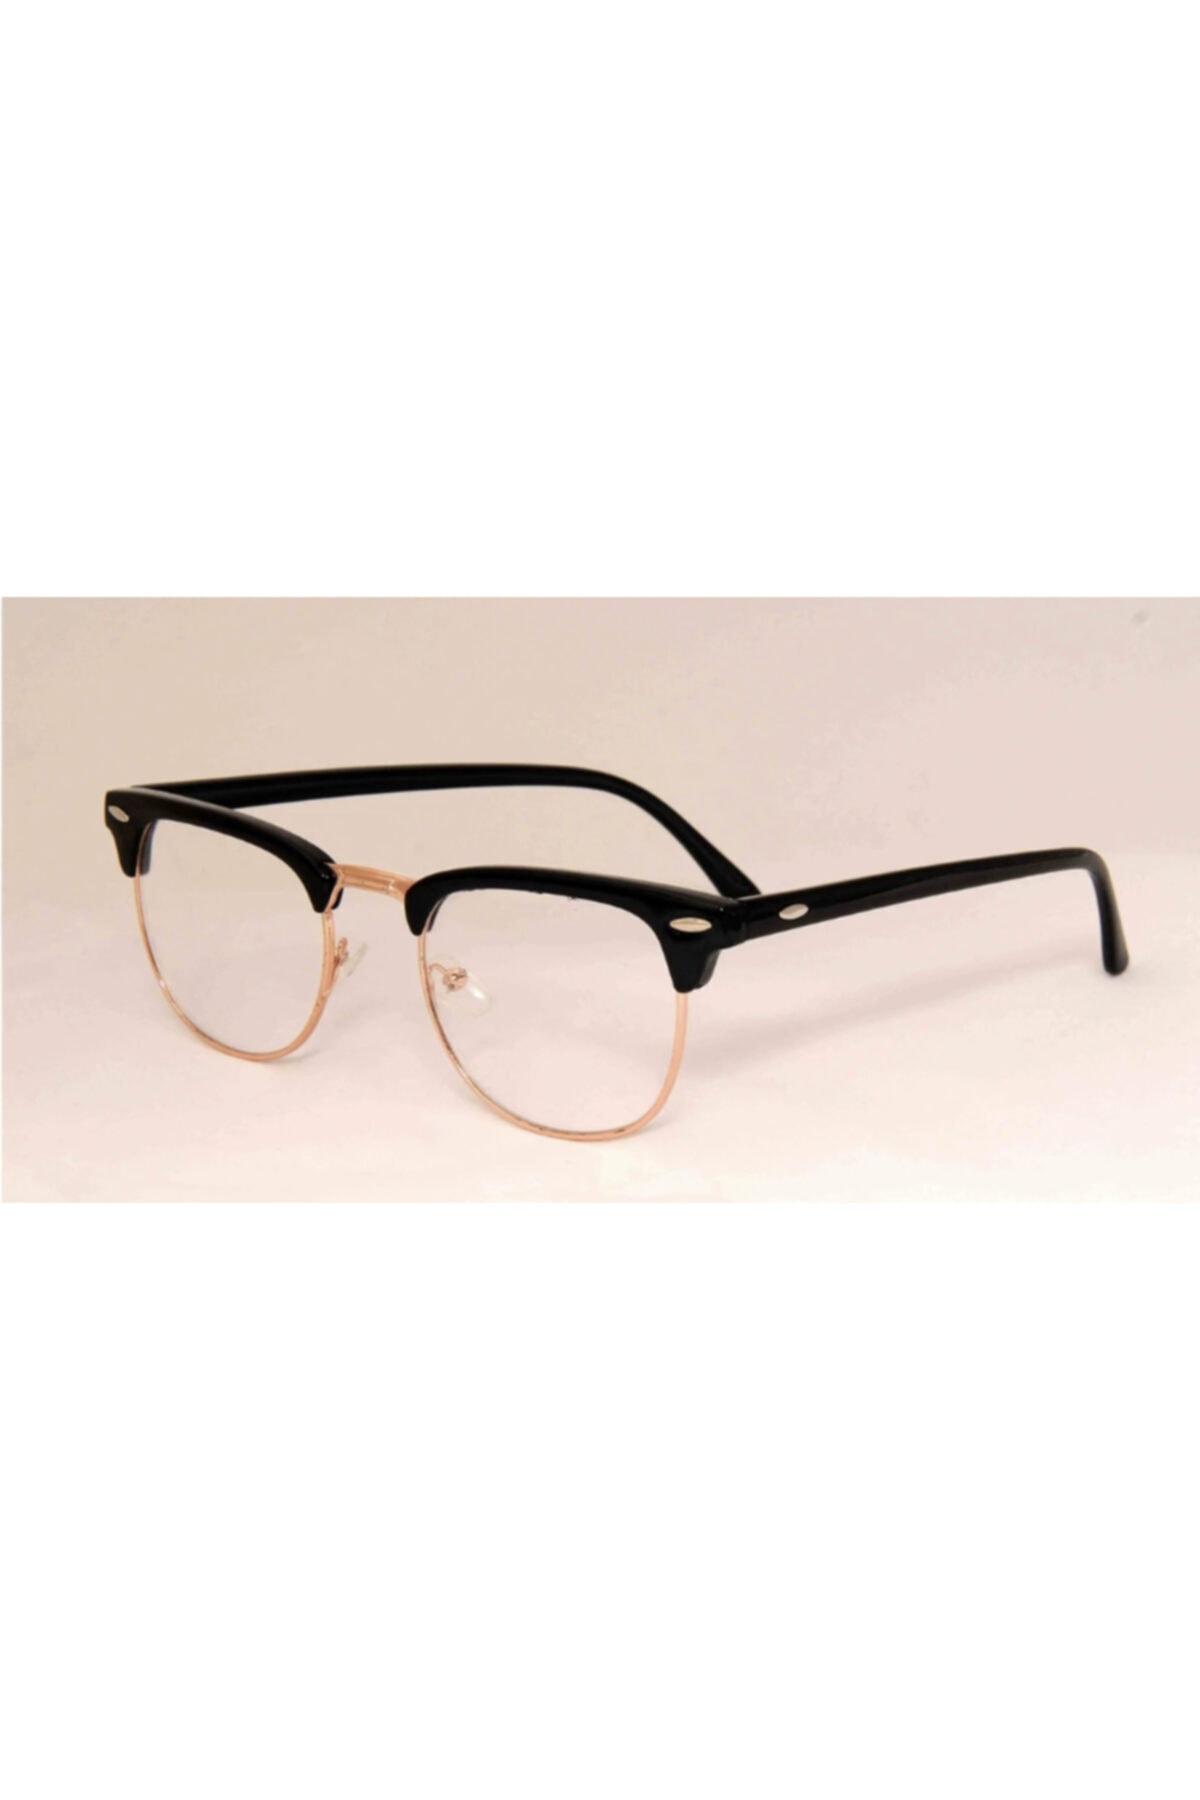 UBK Eyewear Clubmaster Numarasız Mavi Işık Korumalı Gözlük 1